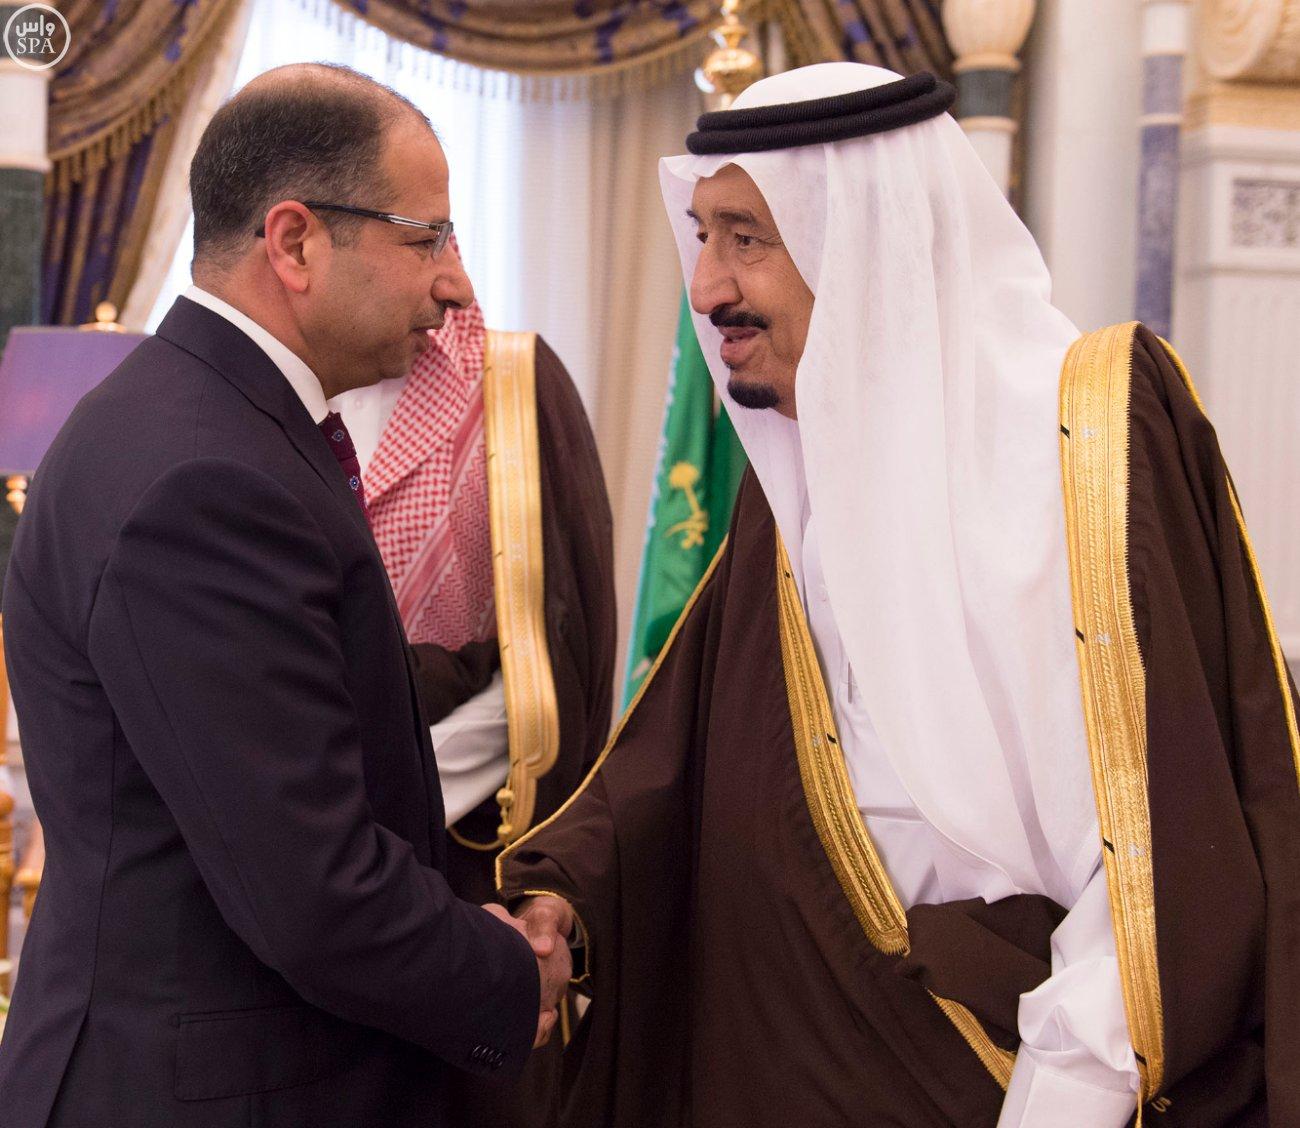 الملك يستقبل رئيسَ البرلمان العراقي الدكتور سليم بن عبدالله الجبوري (4)